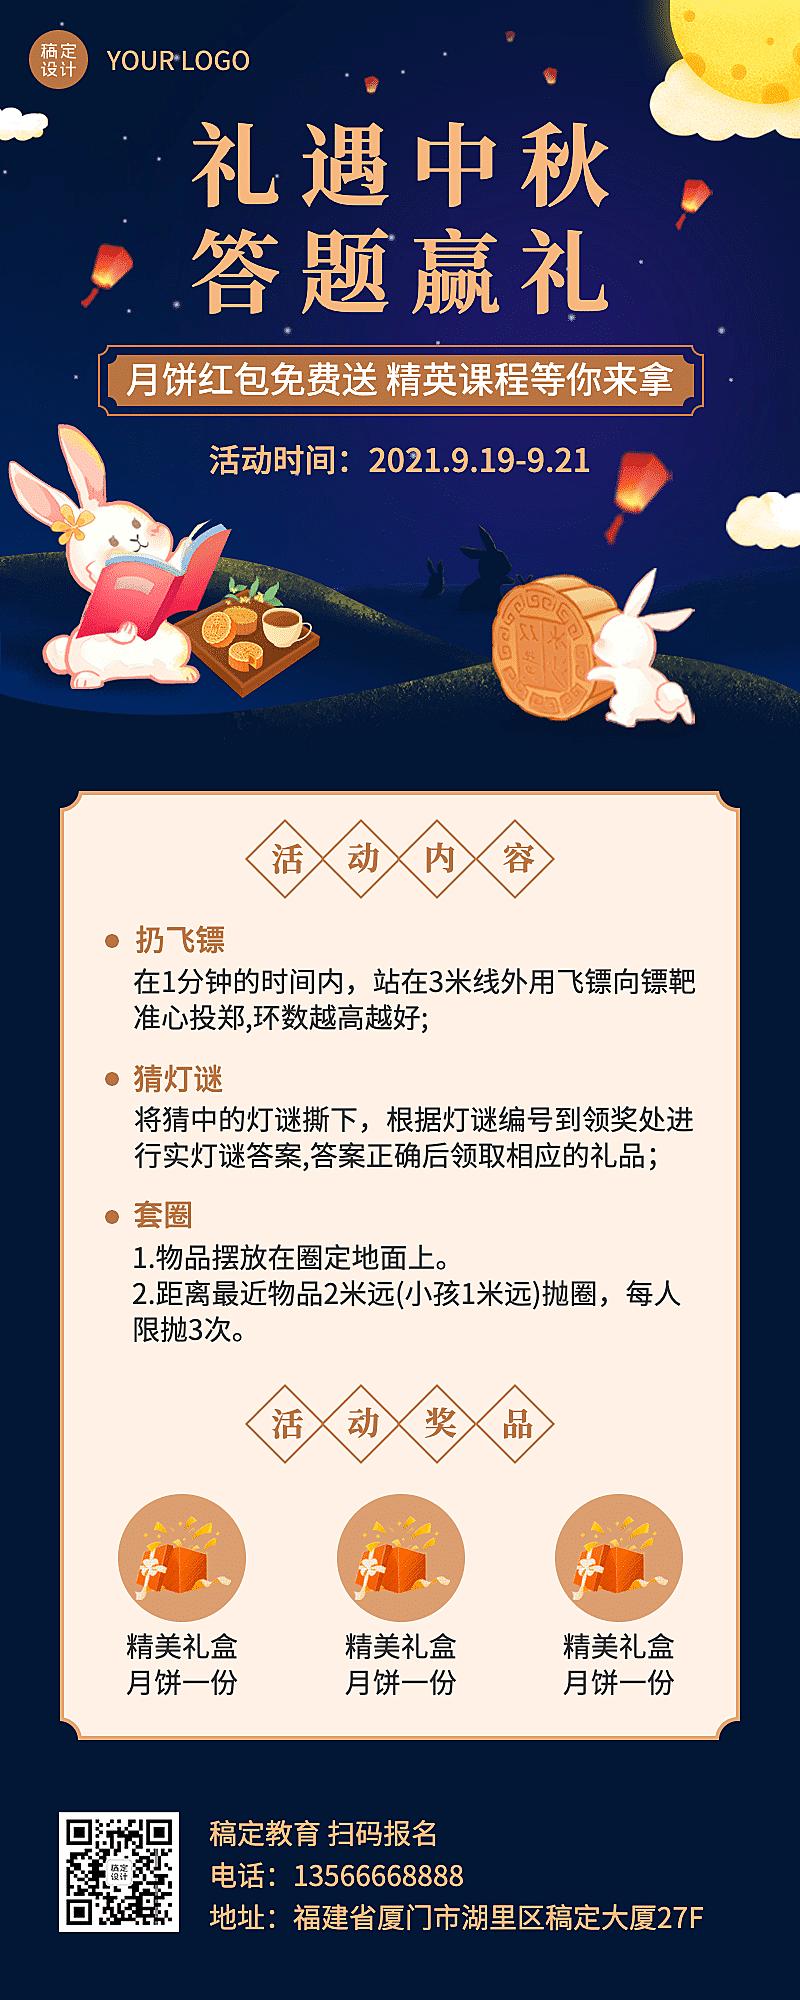 中秋节亲子活动营销长图海报